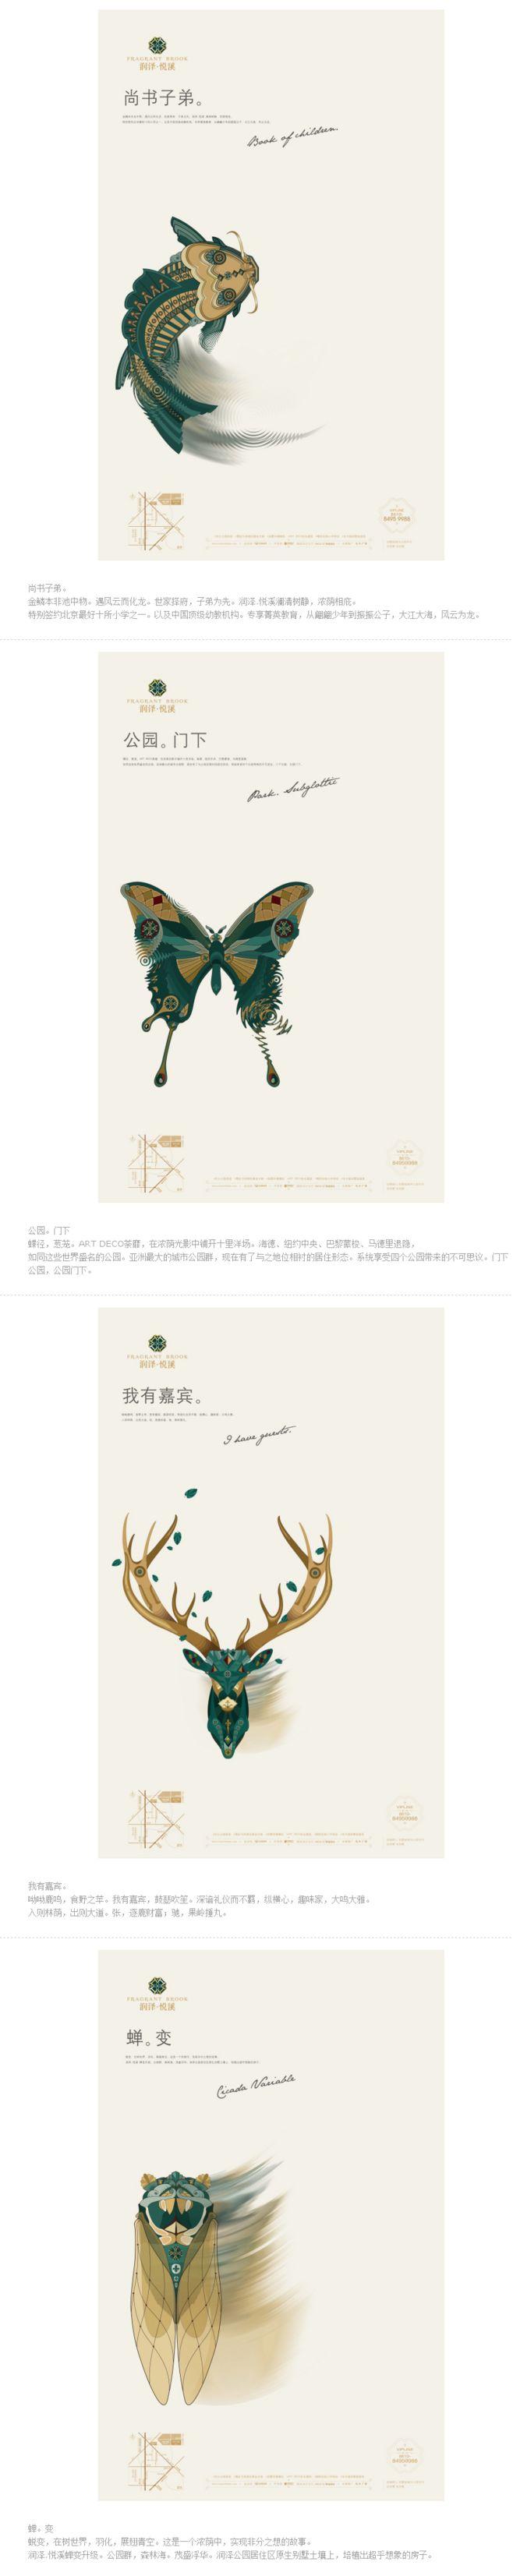 设计师老范儿's MOKO 个人网站 |...